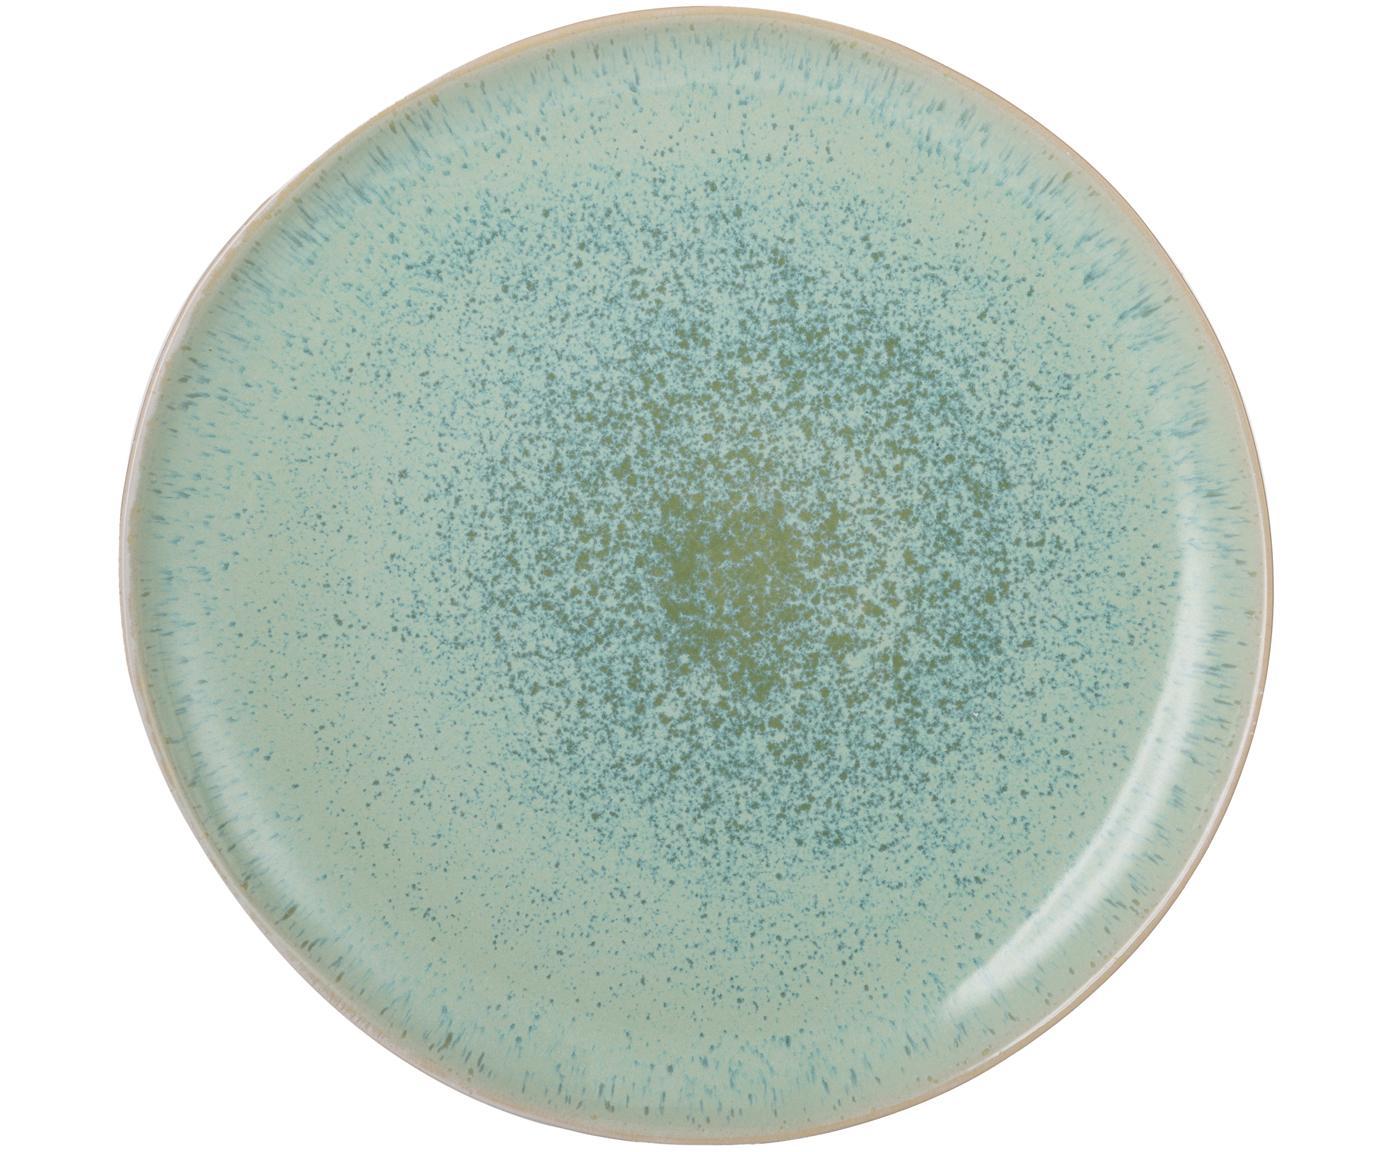 Handgeschilderd dinerbord Areia, Keramiek, Mintgroen, gebroken wit, beige, Ø 28 cm